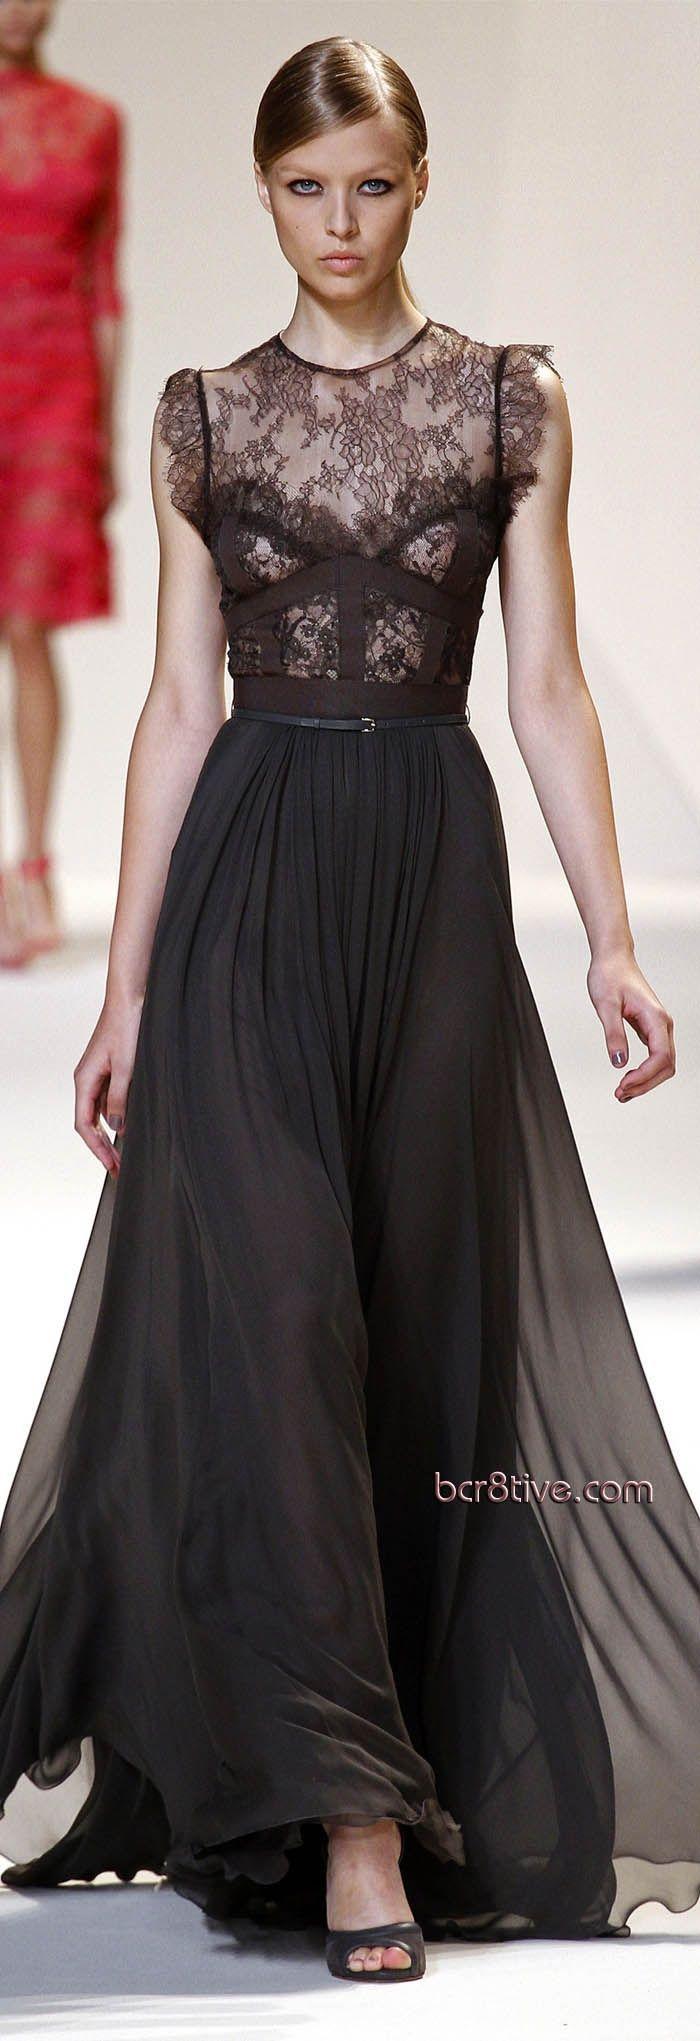 die besten 25 schwarzes kleid kombinieren ideen auf pinterest schwarzes kleid outfits. Black Bedroom Furniture Sets. Home Design Ideas